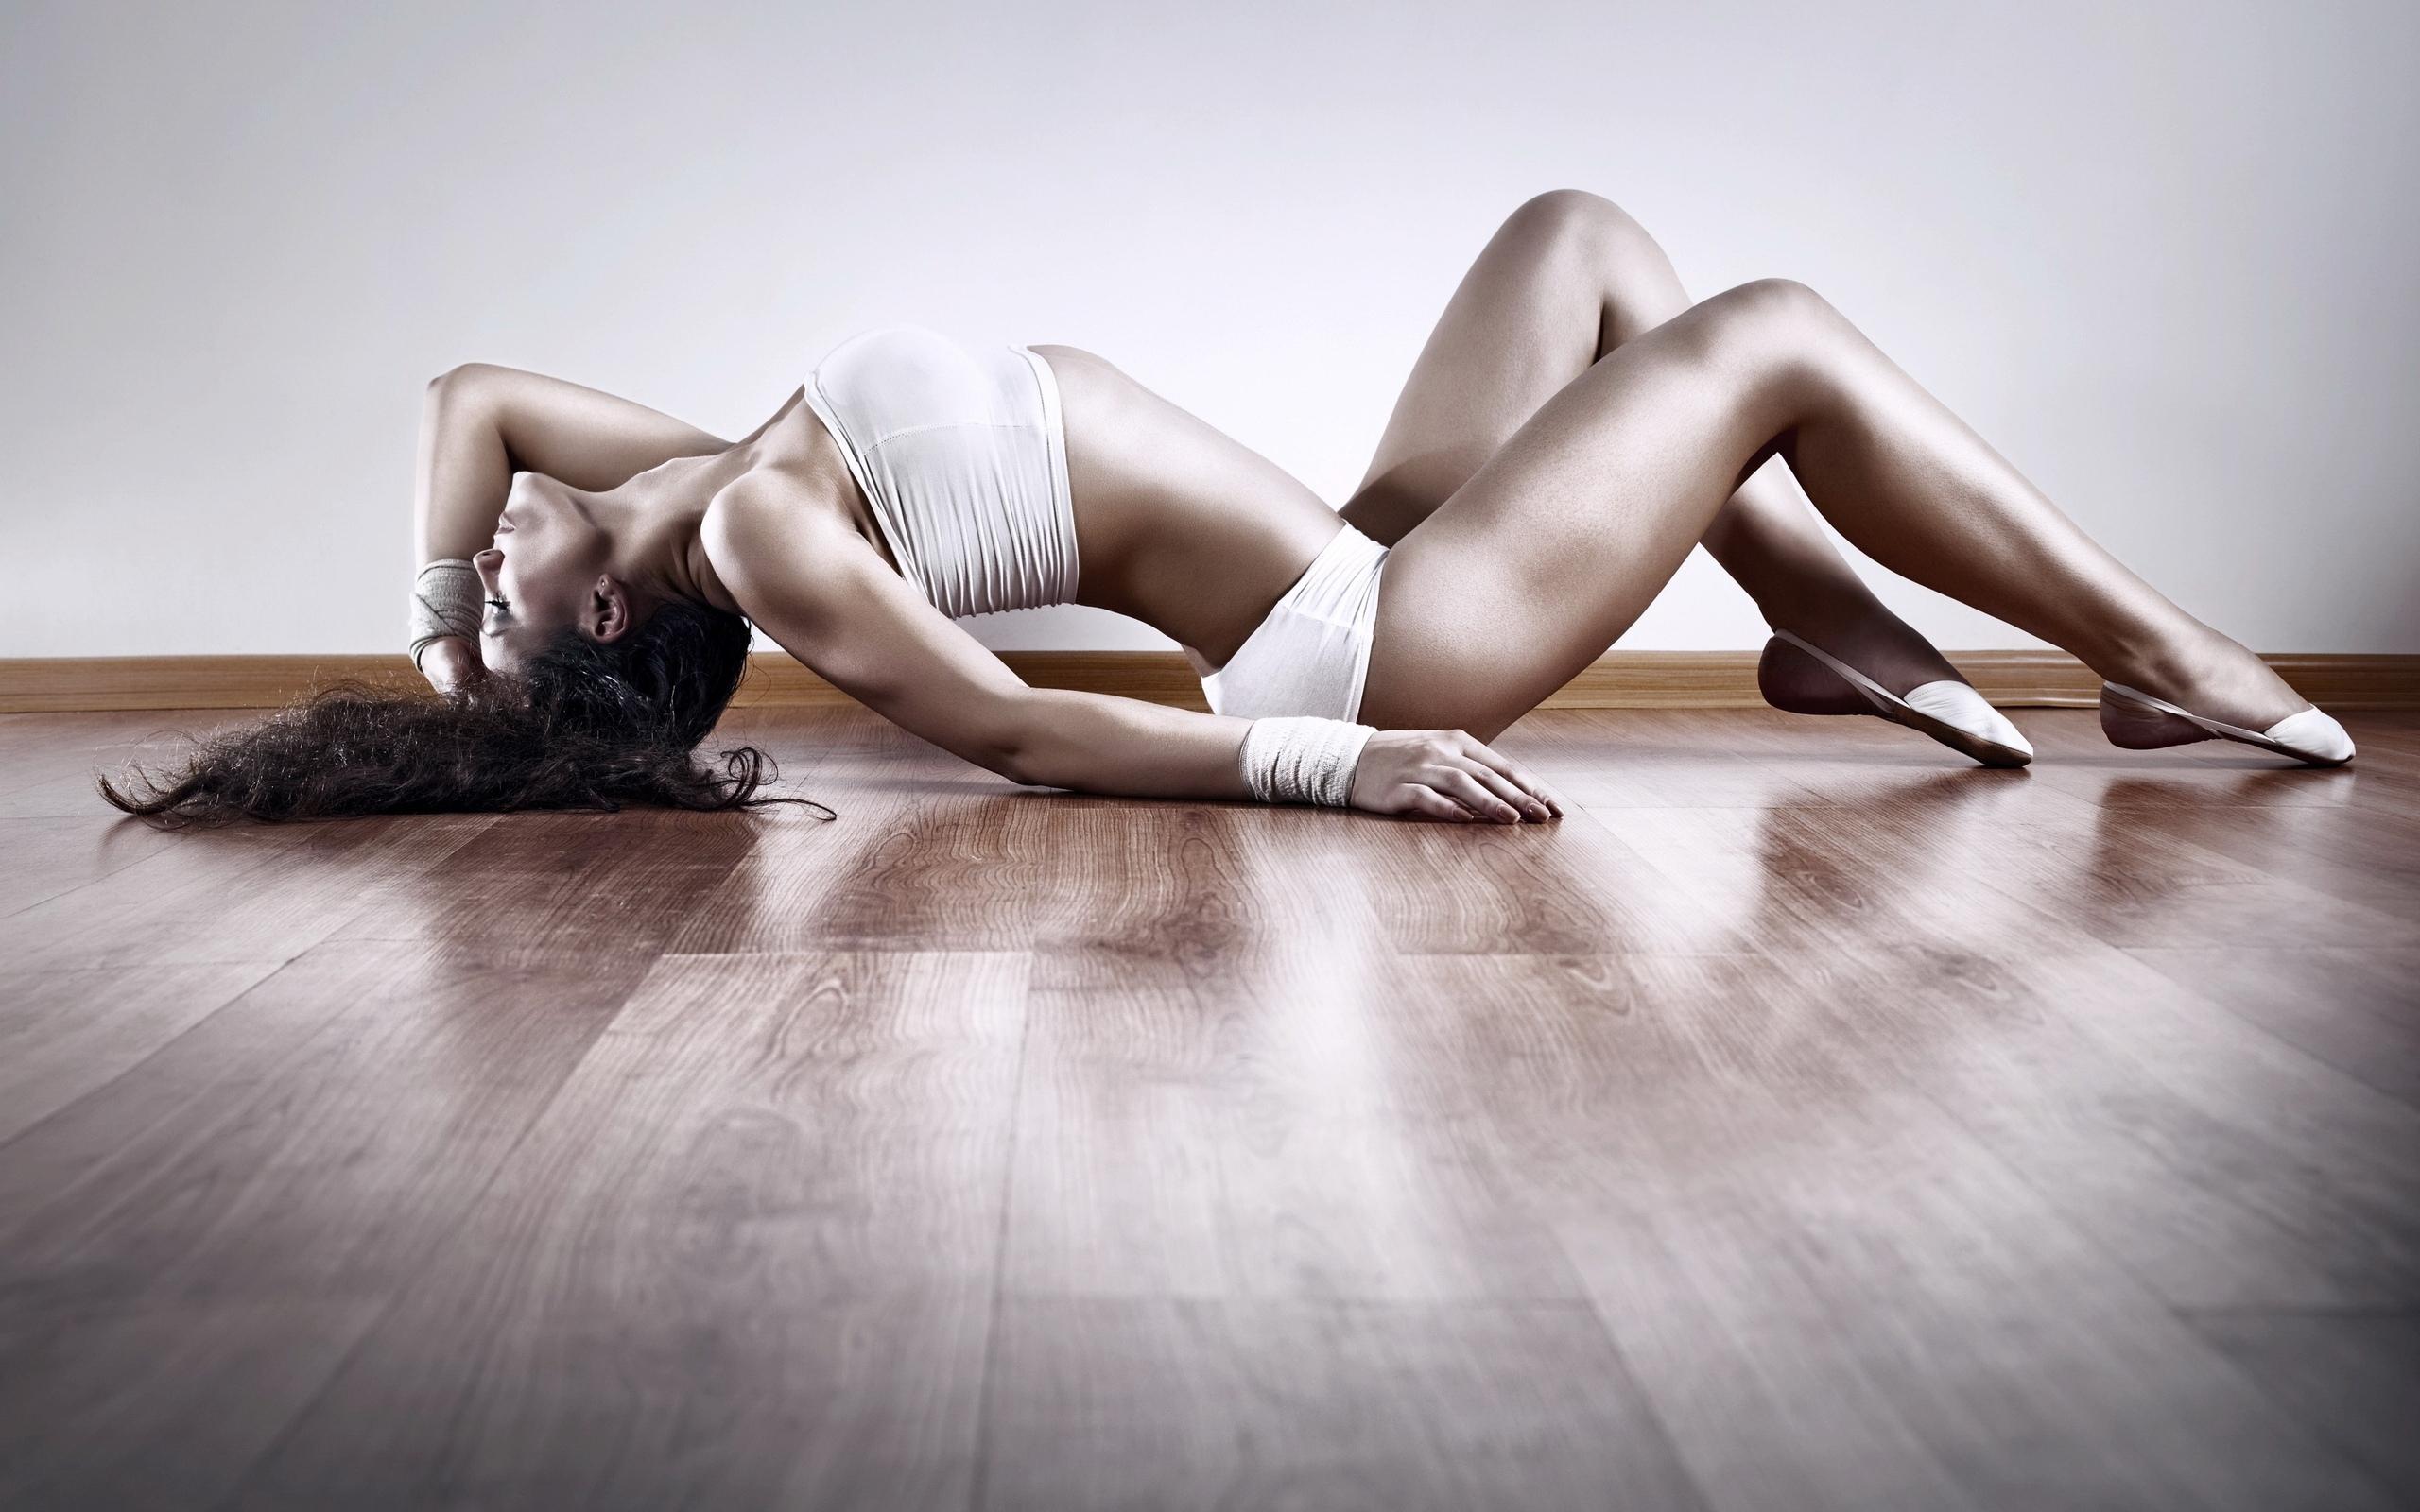 Фото голое женское тело, Голое тело - красивое женское тело нагишом - интим фото 16 фотография